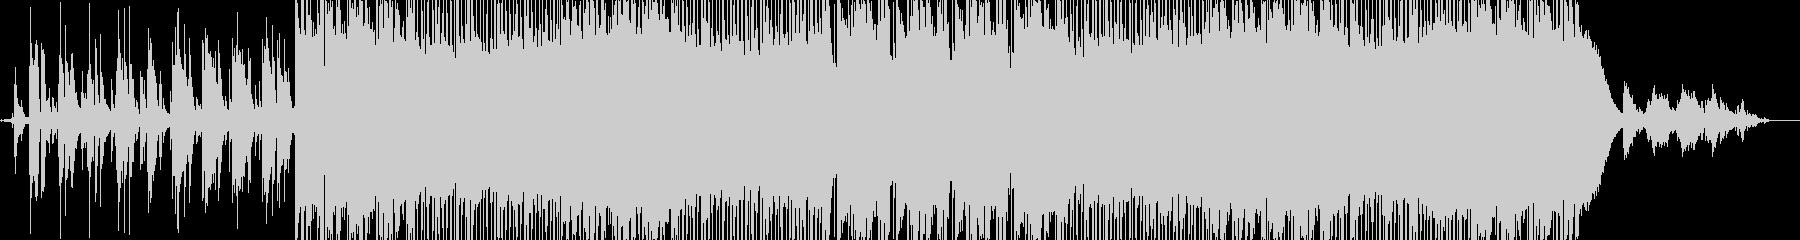 ポップアンドロック。フォークとカン...の未再生の波形